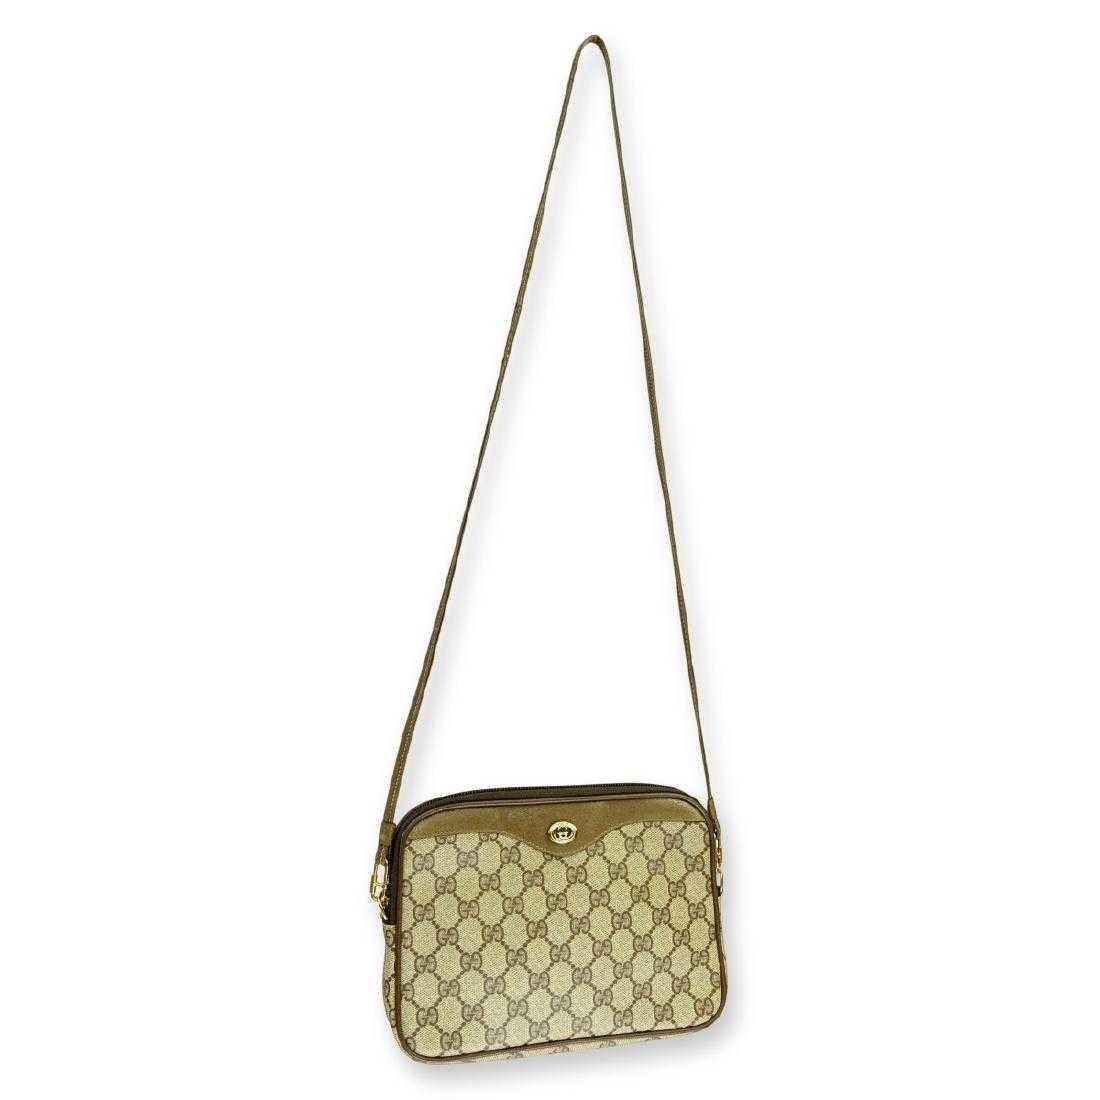 51de43f7225 Gucci Beige Coated Canvas Shoulder Bag